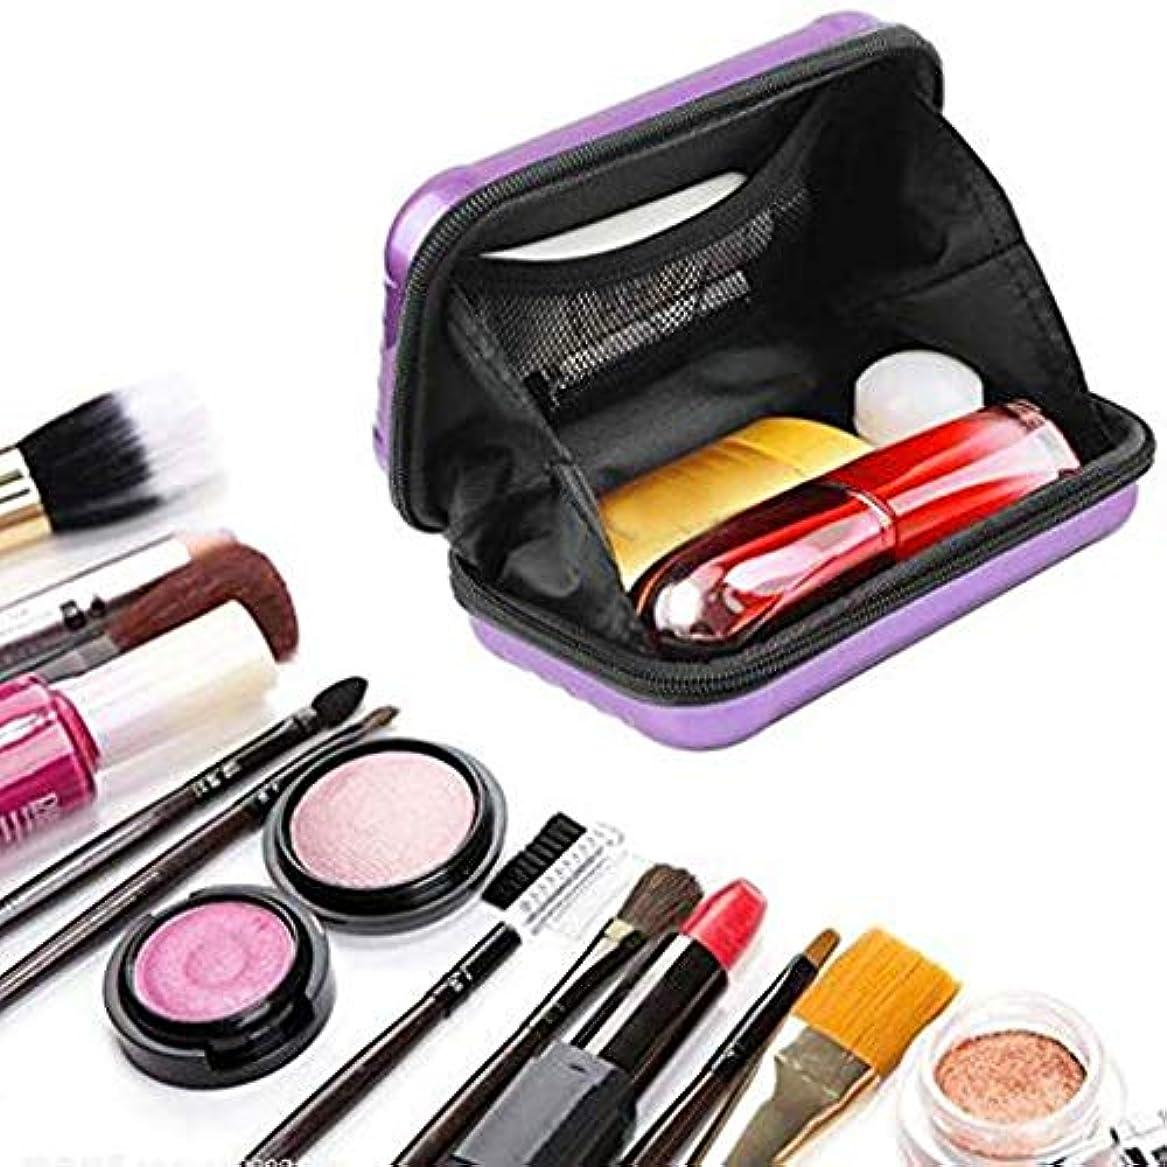 ボルト指定プロフィールミニポータブル旅行化粧品バッグ、女性のための防水/クラッシュ防止化粧バッグ、スーツケース化粧品ハンドバッグ (黄)